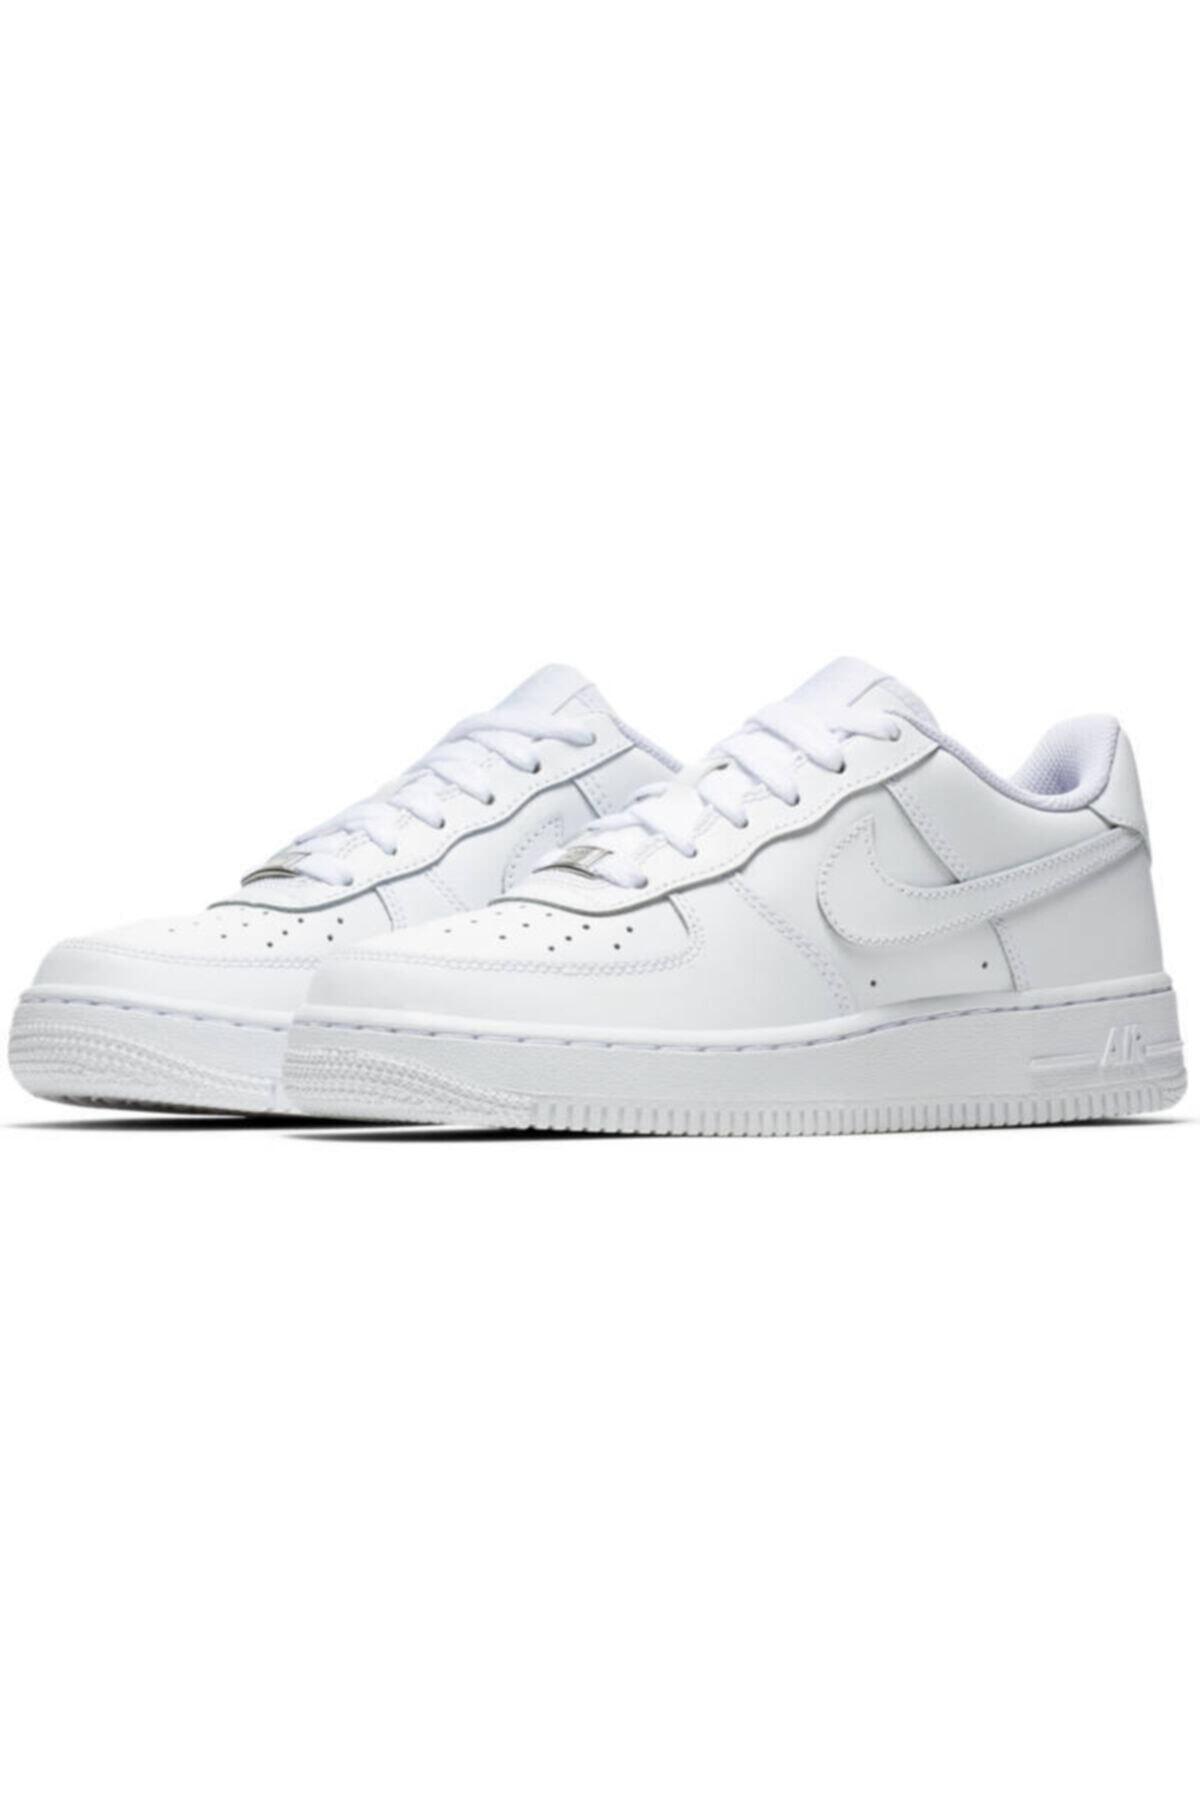 Nike Nıke Aır Force 1 (gs) Beyaz Kadın Spor Ayakkabı 314192-117 1